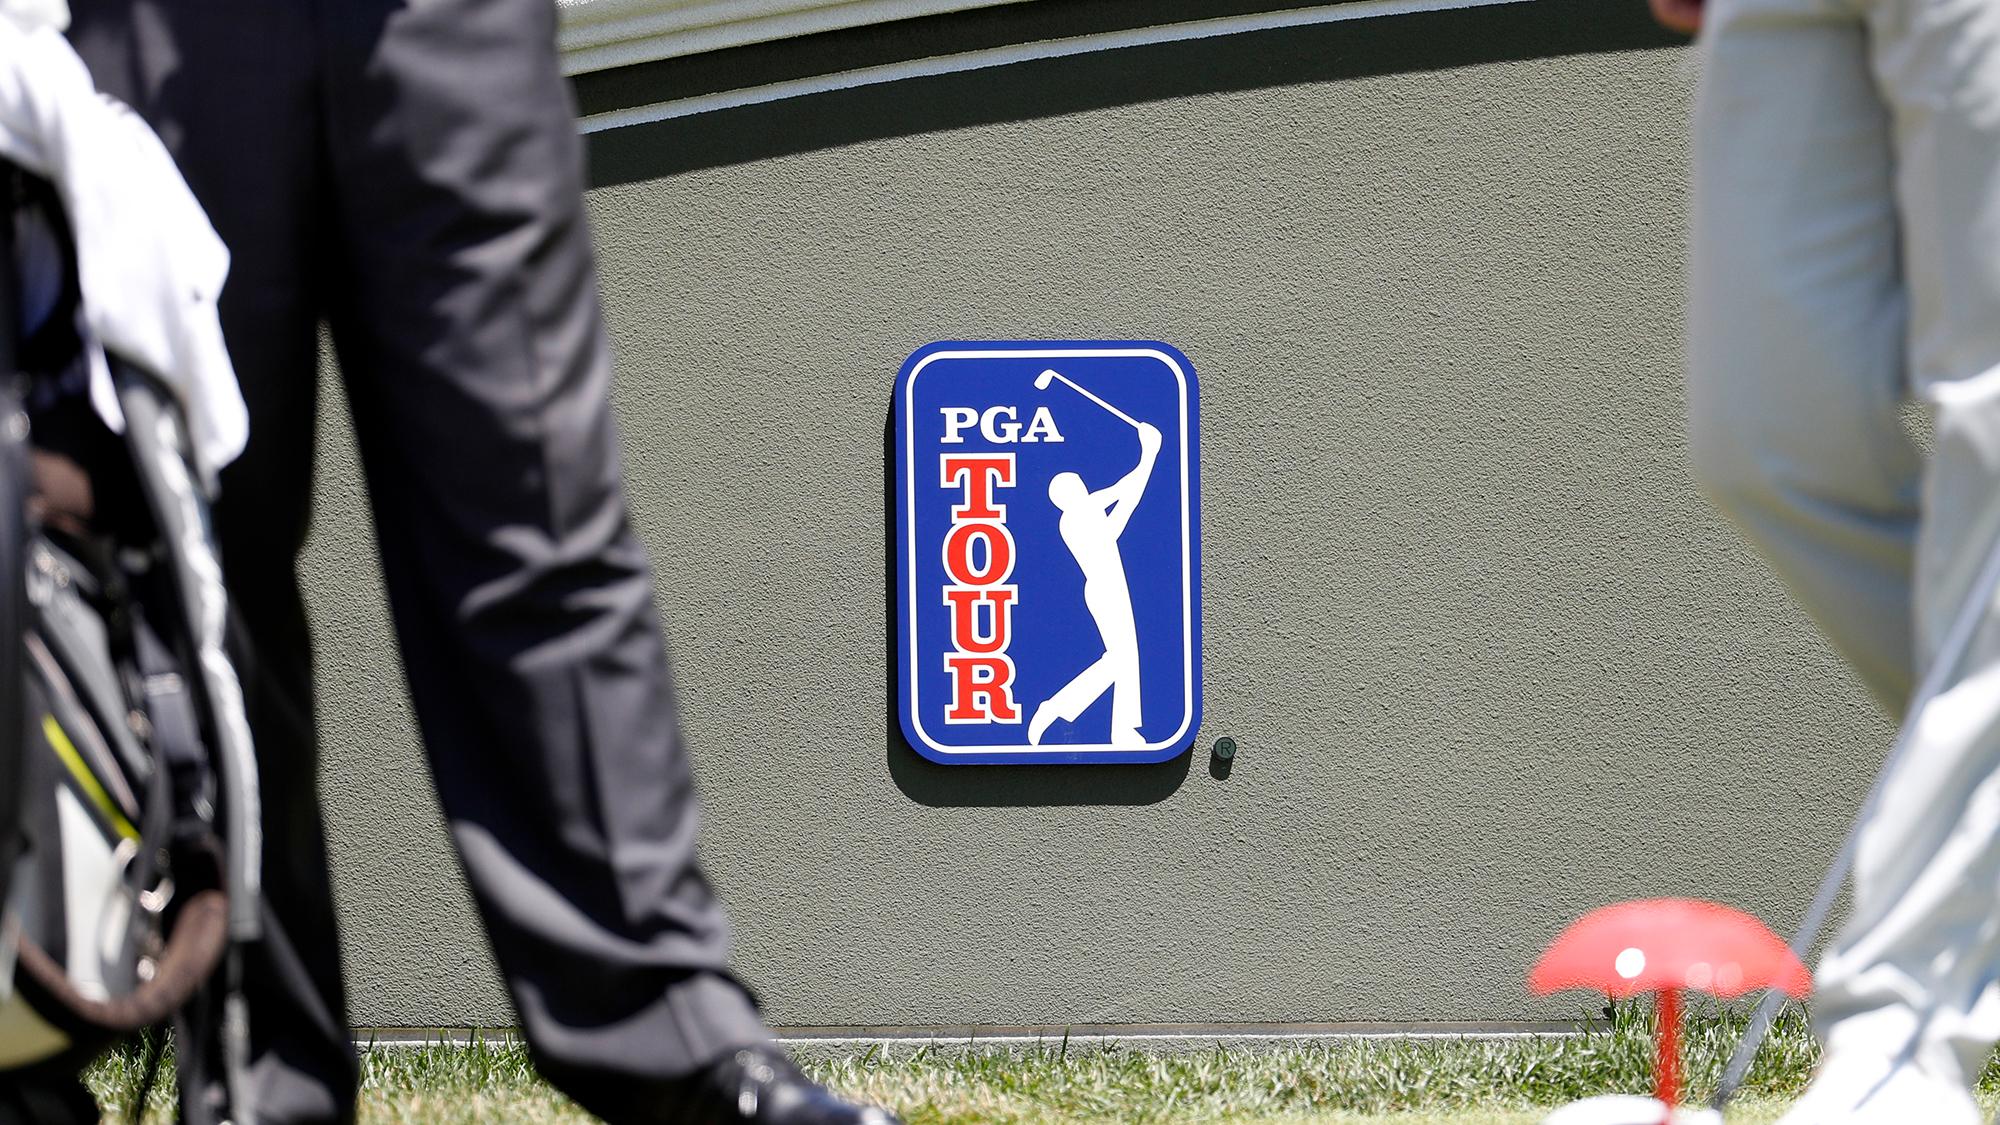 PGA Tour schedule